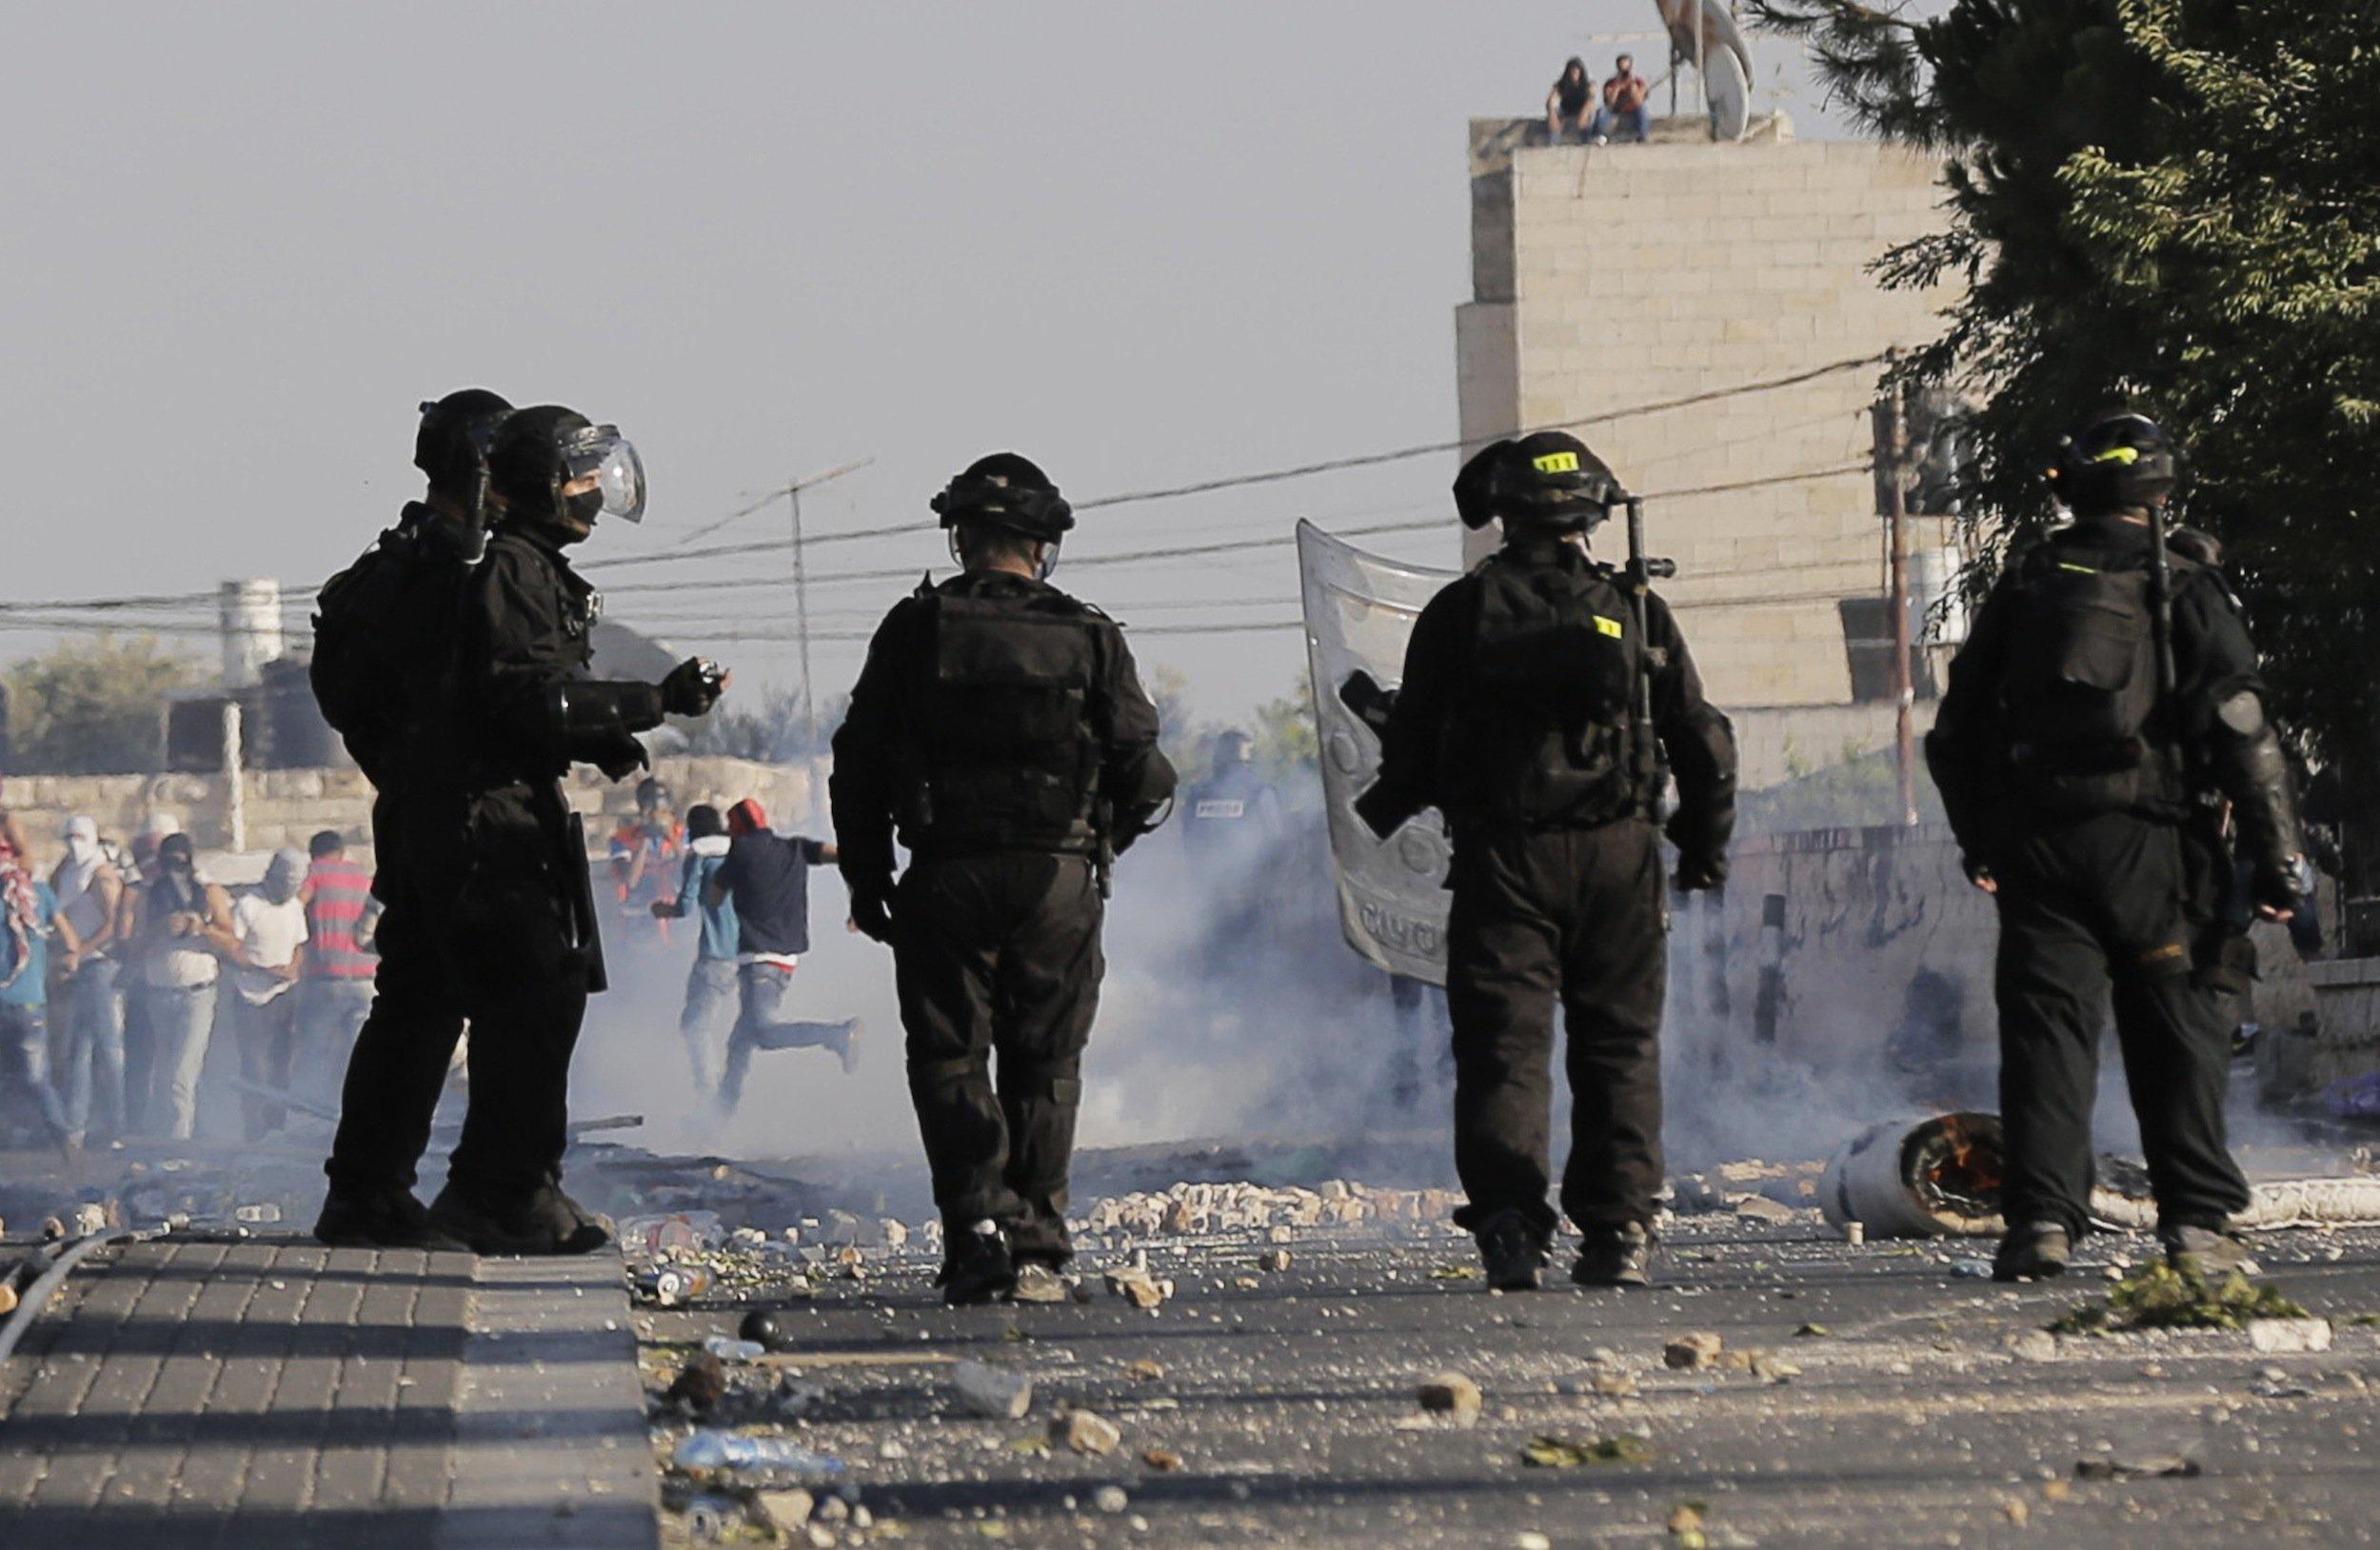 Παρατηρητήριο Ανθρωπίνων Δικαιωμάτων: Πολιτική απαρτχάιντ του Ισραήλ απέναντι σε Παλαιστίνιους και Άραβες